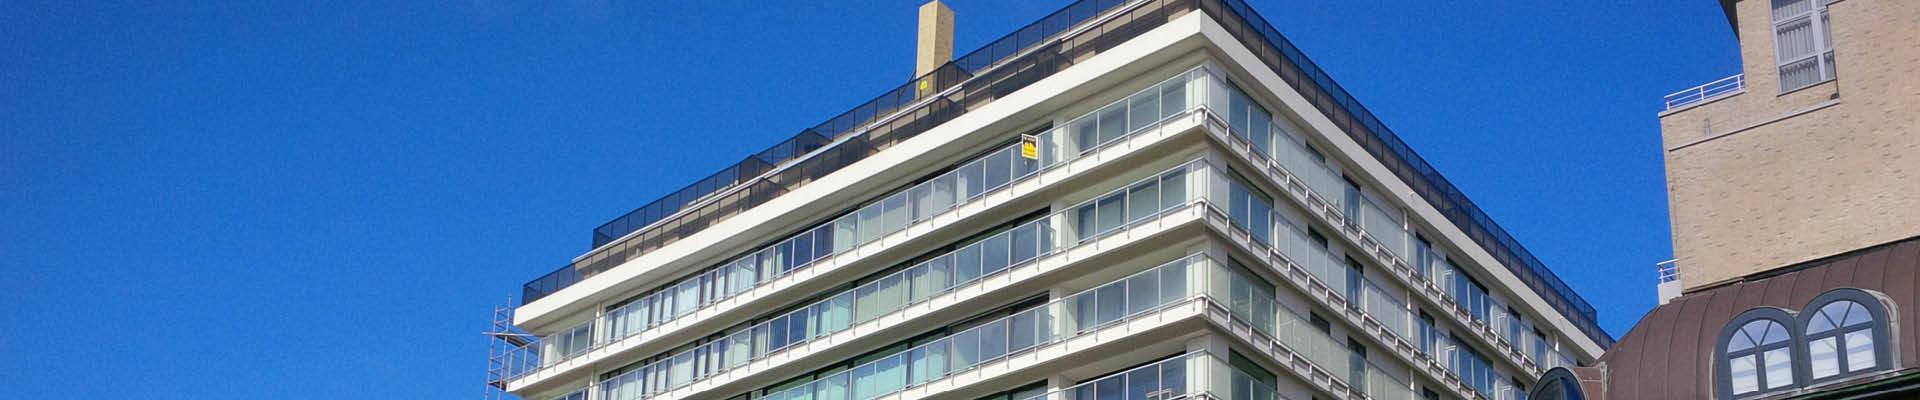 levensduur balkon verlengen